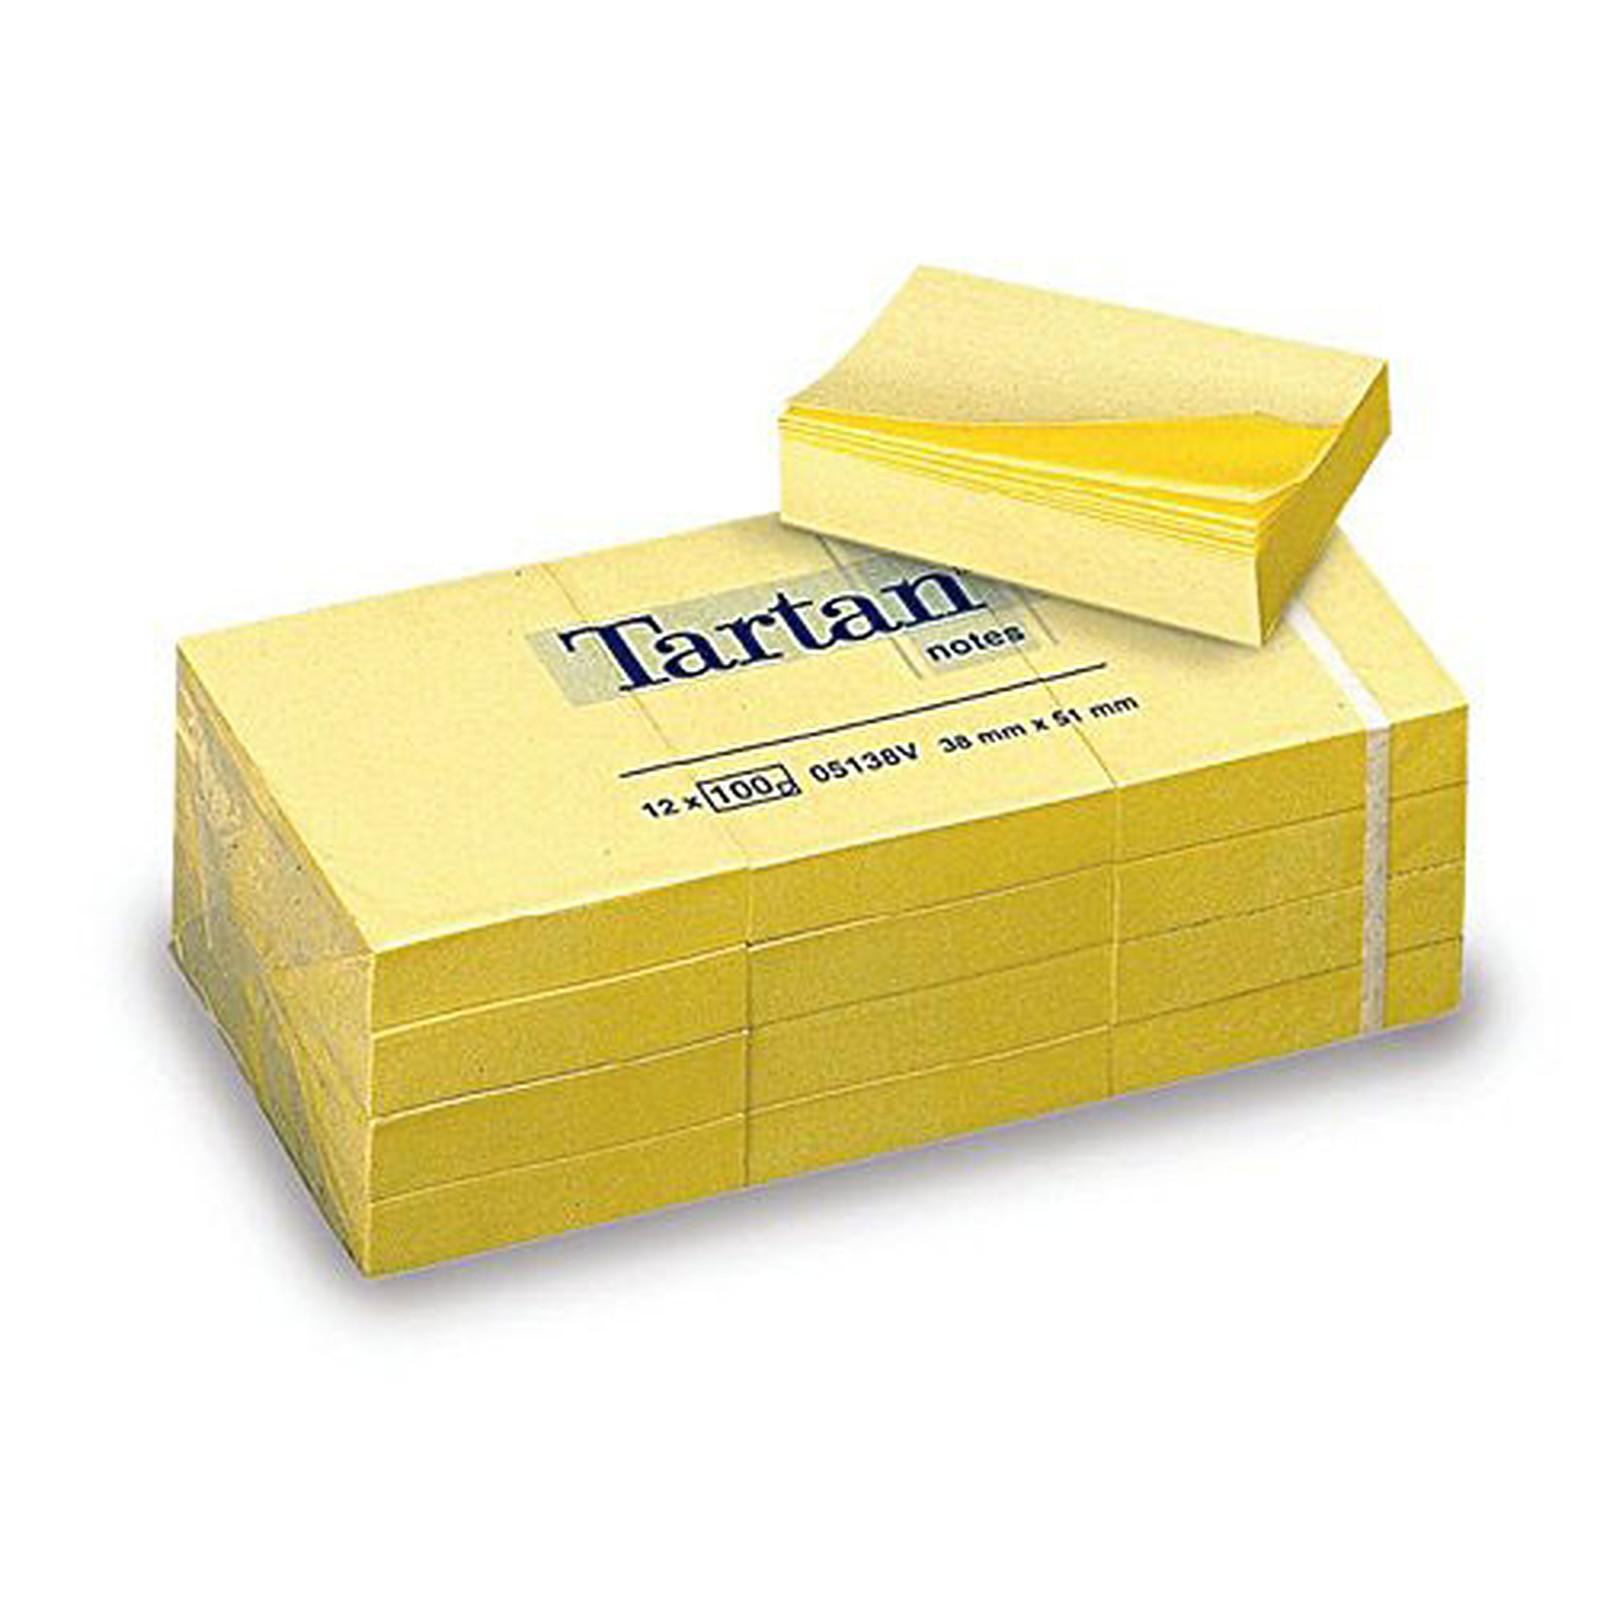 Tartan Lot de 12 blocs de feuilles repositionnables 38 x 51 mm notes lignées jaunes